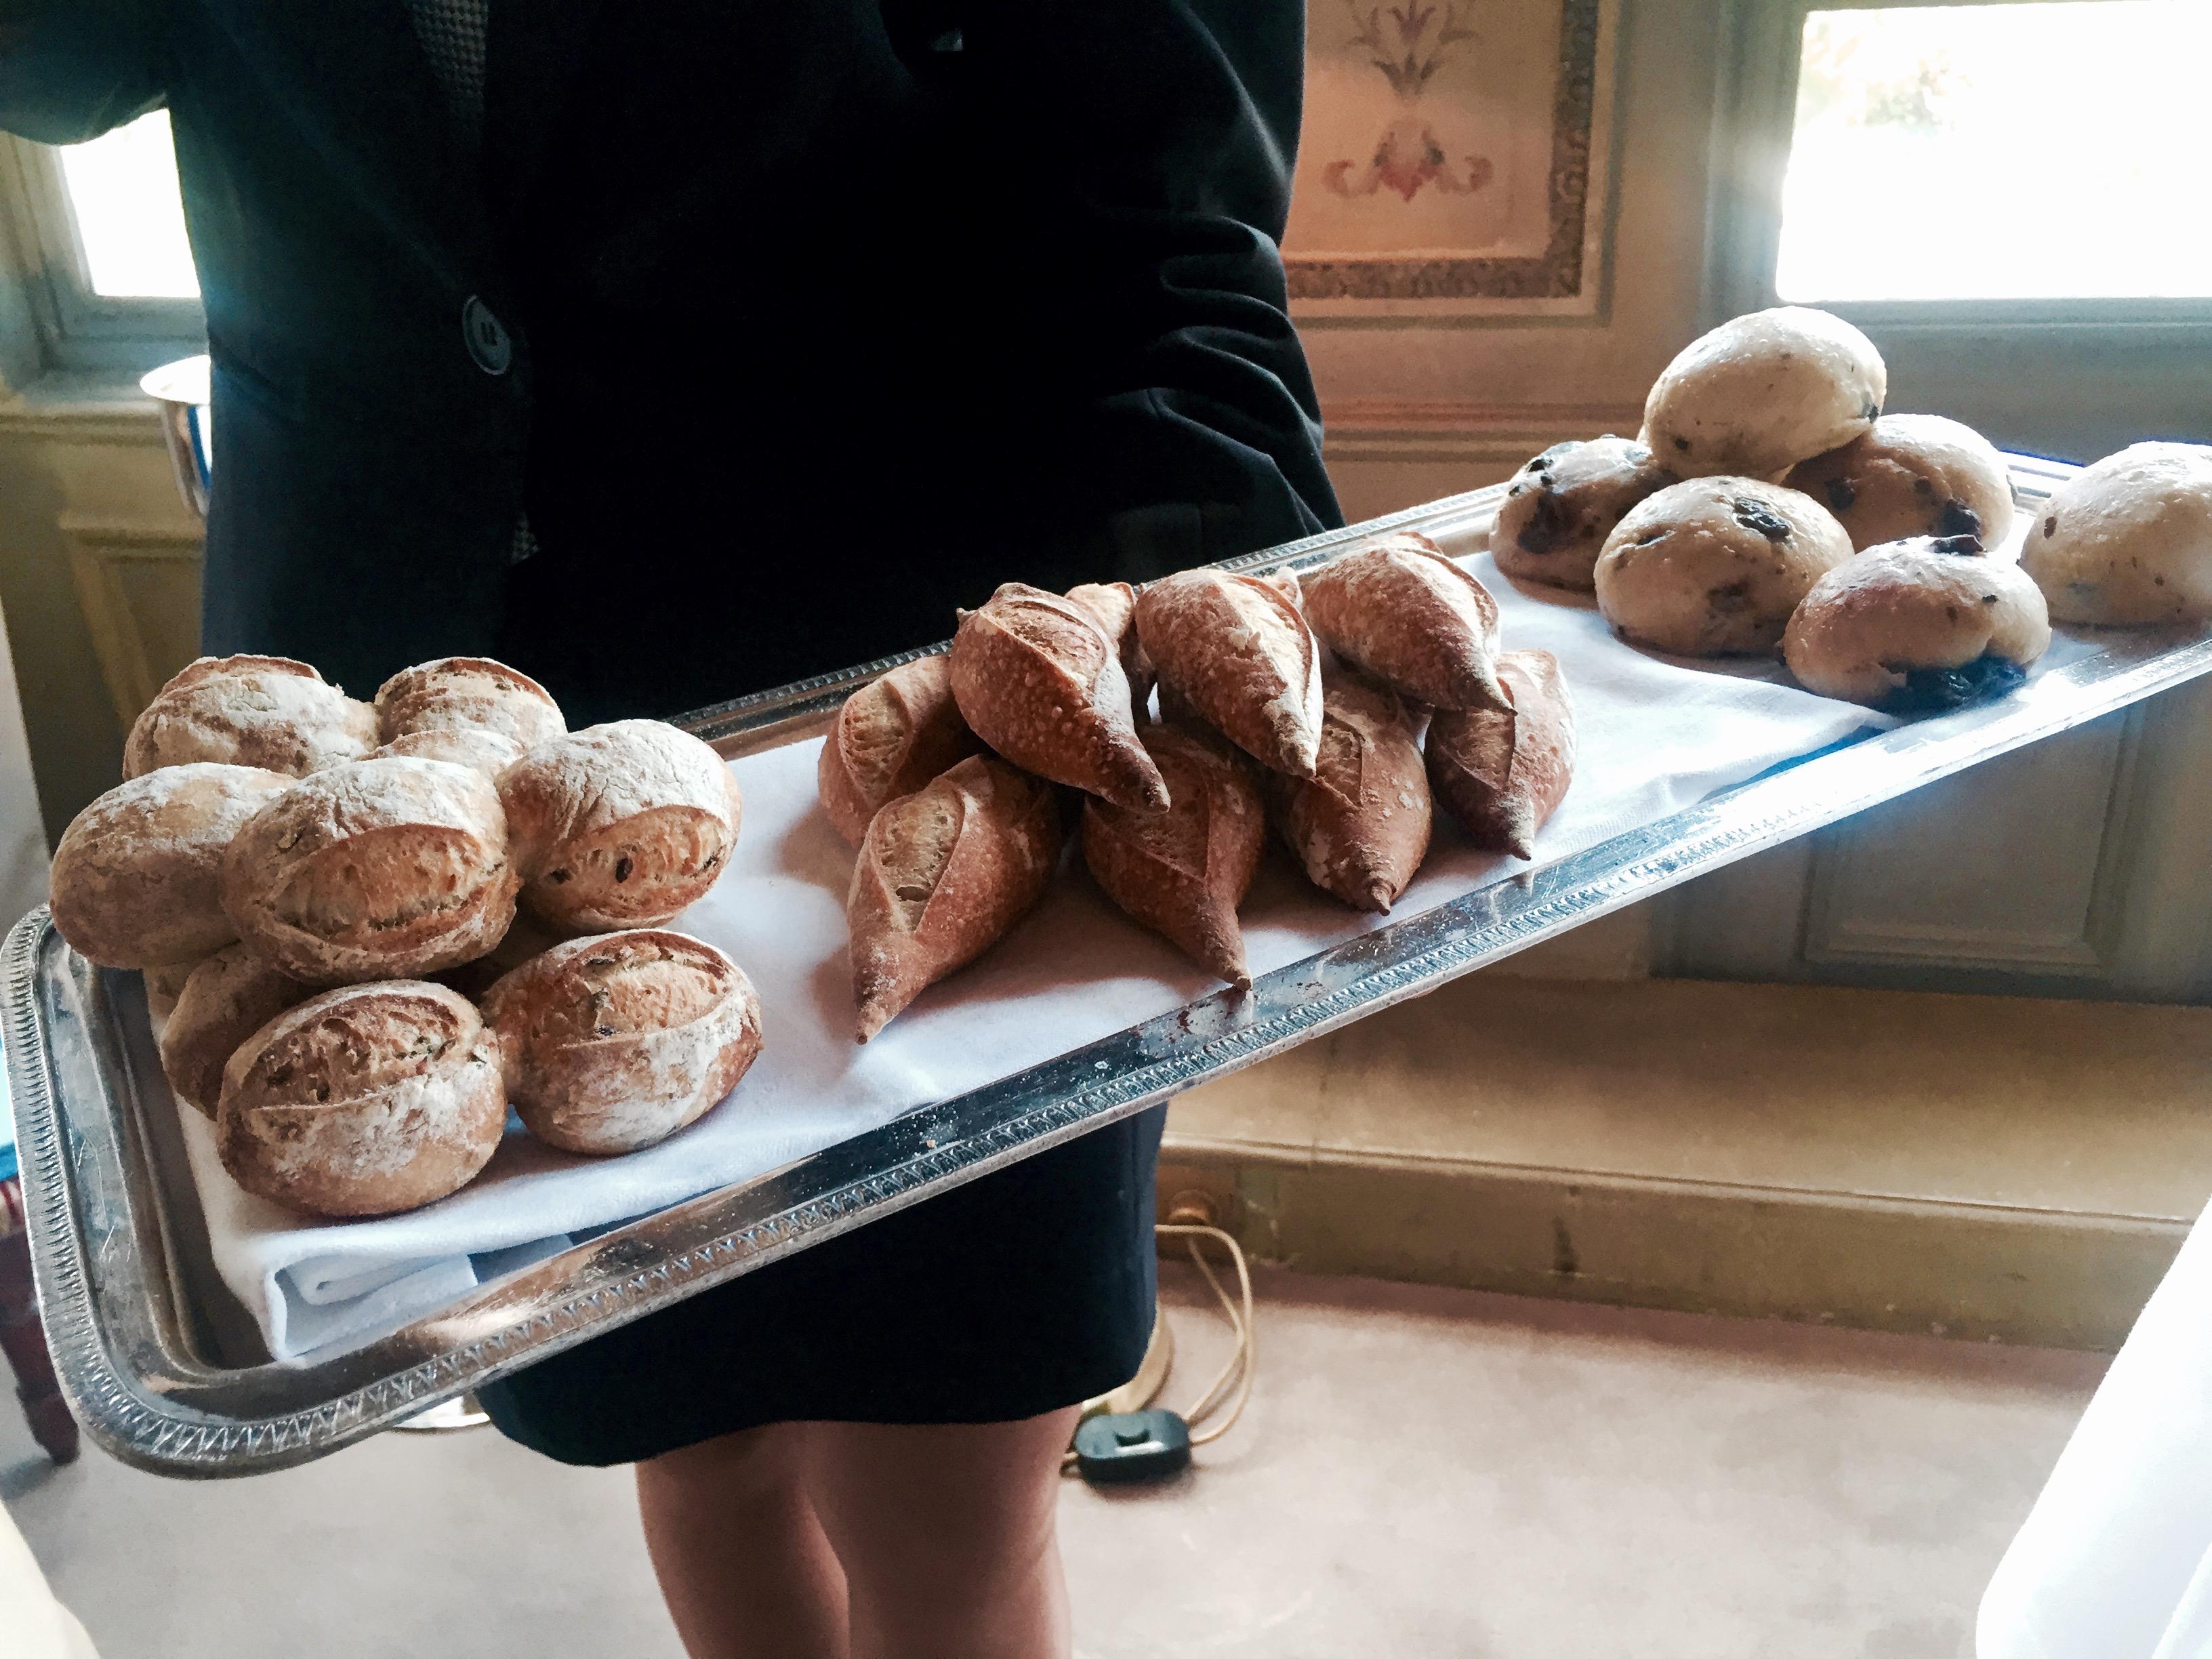 Alléno Paris, Ledoyen Bread Service